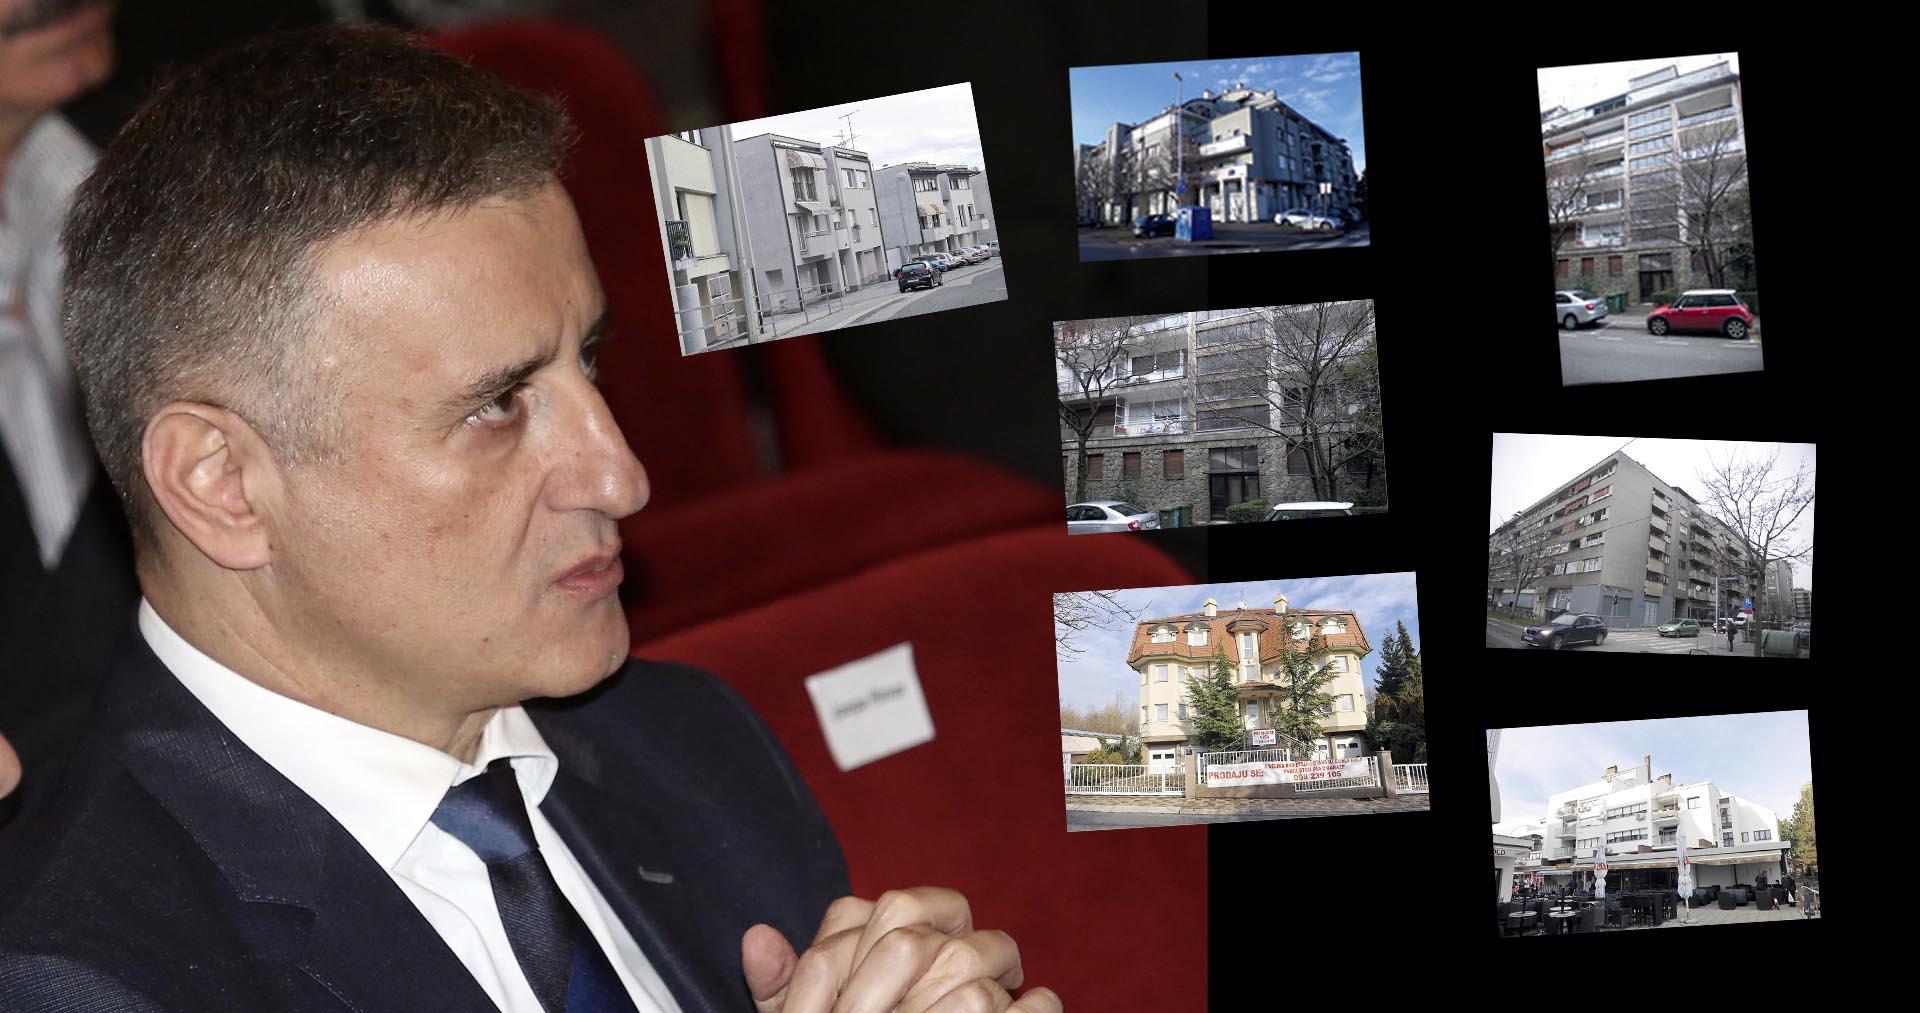 TOTALNA REKONSTRUKCIJA Kako je Karamarko 90-ih trgovao nekretninama